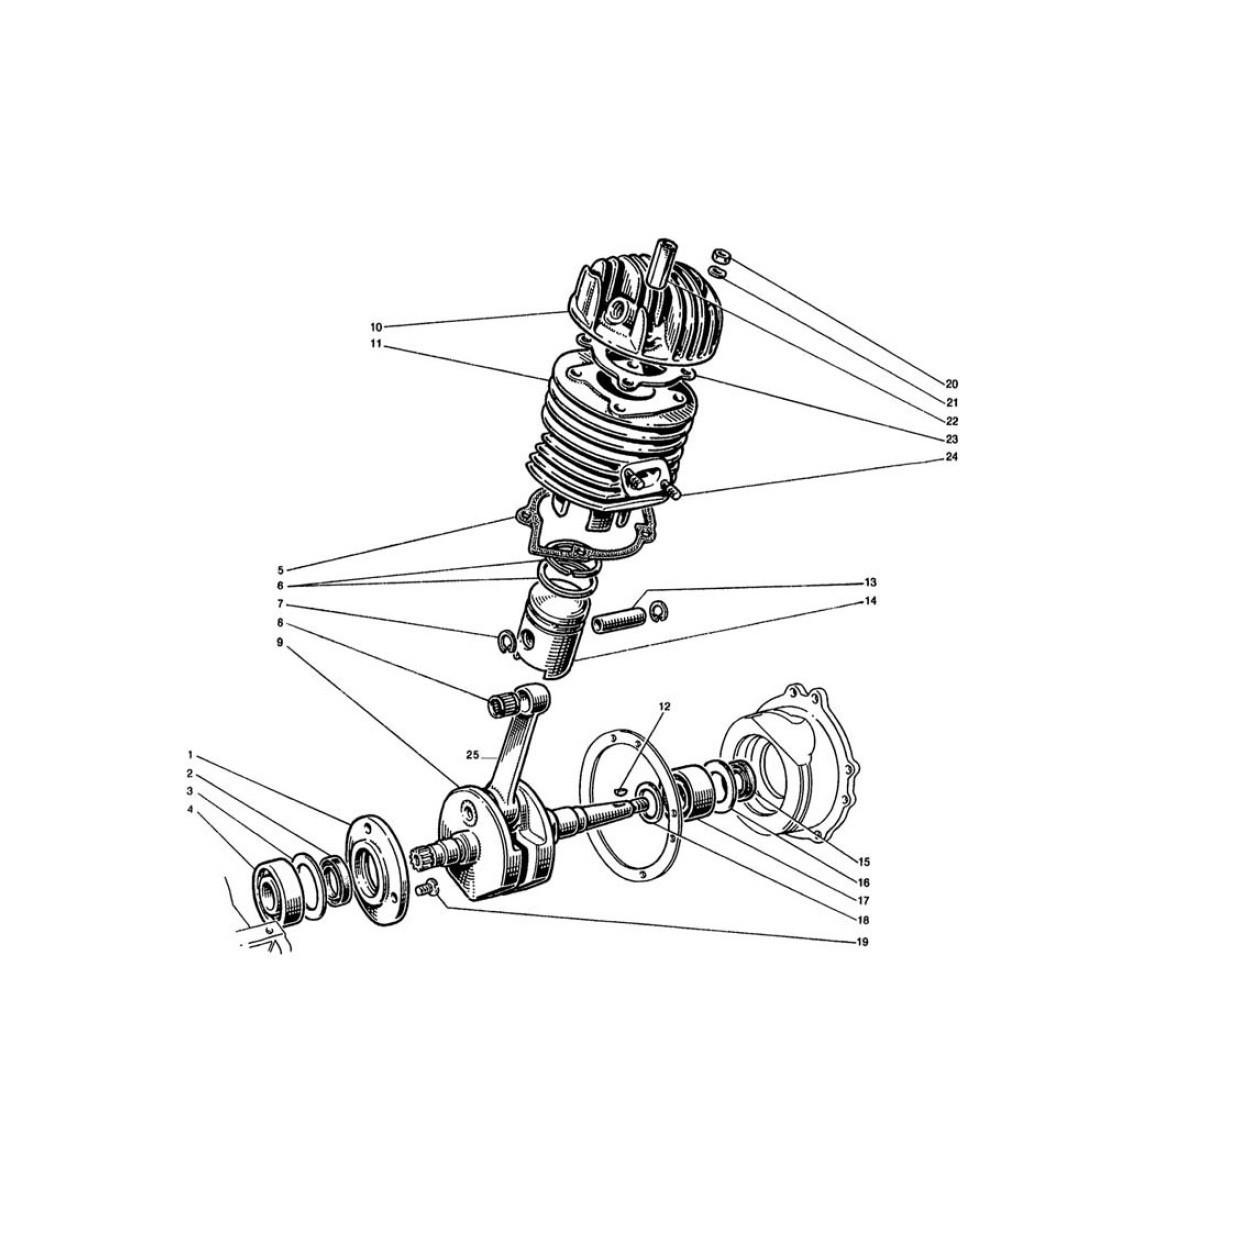 Albero Motore - Cilindro e Testa - Pistone (Tav.2)